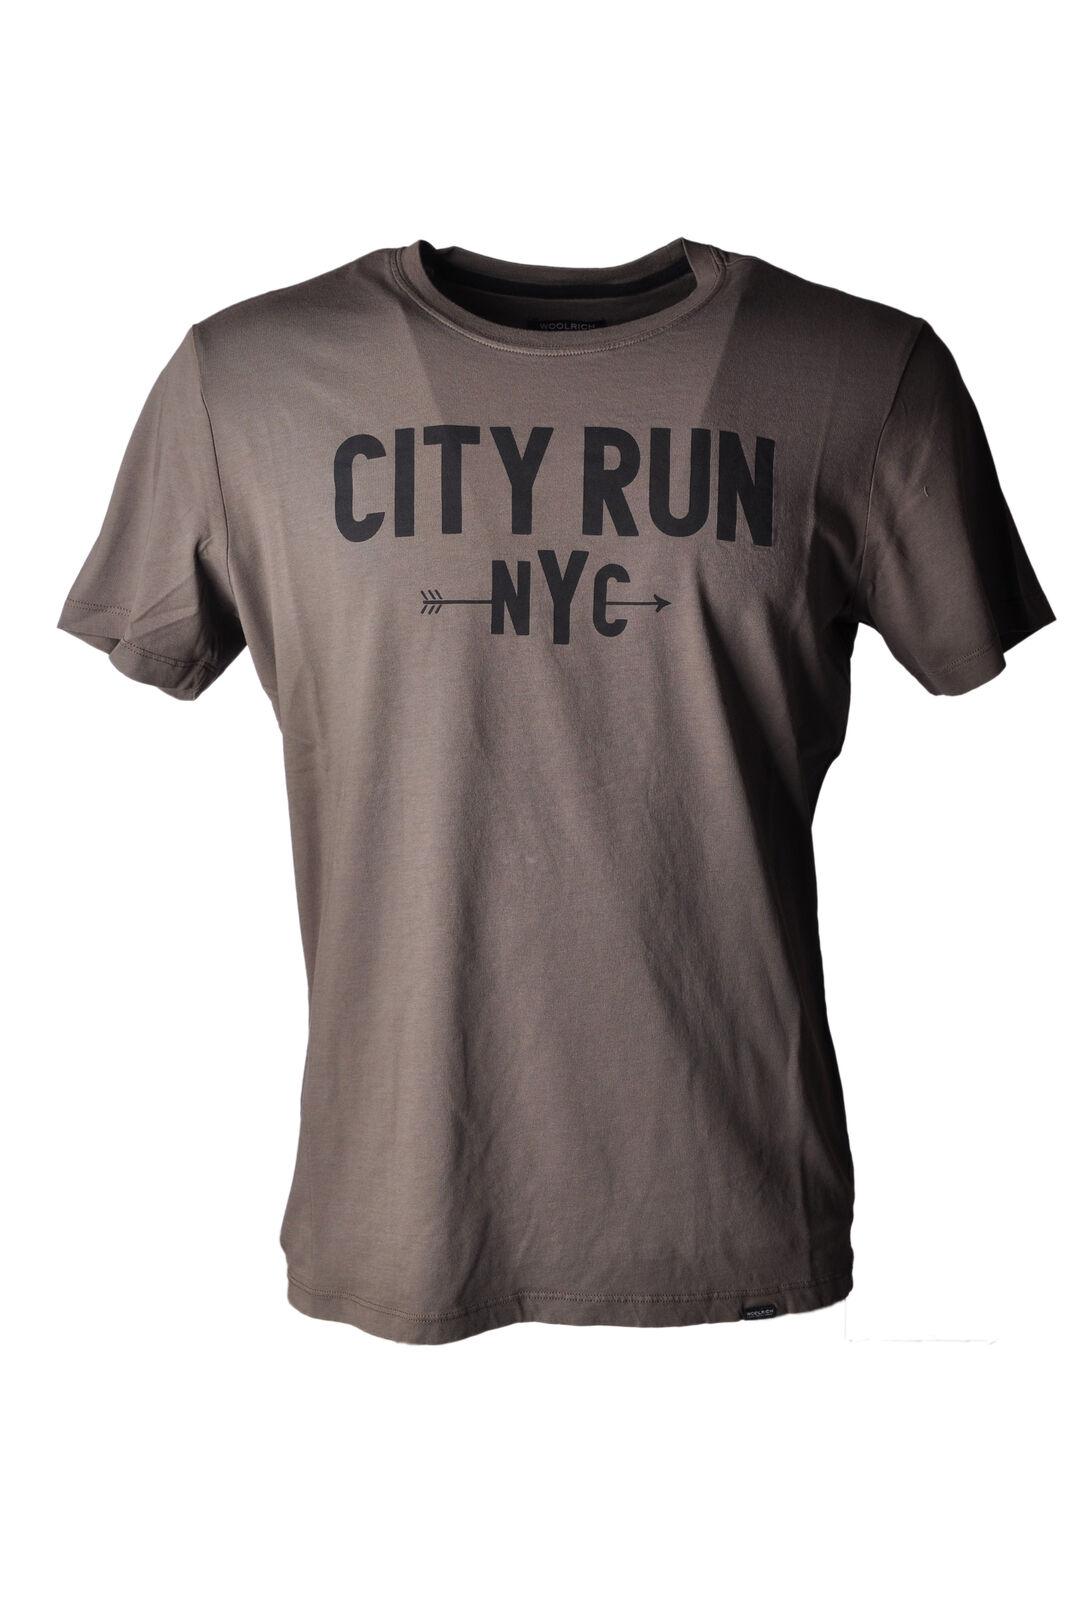 Woolrich - Topwear-T-shirts - Man - Grey - 4896710C191852